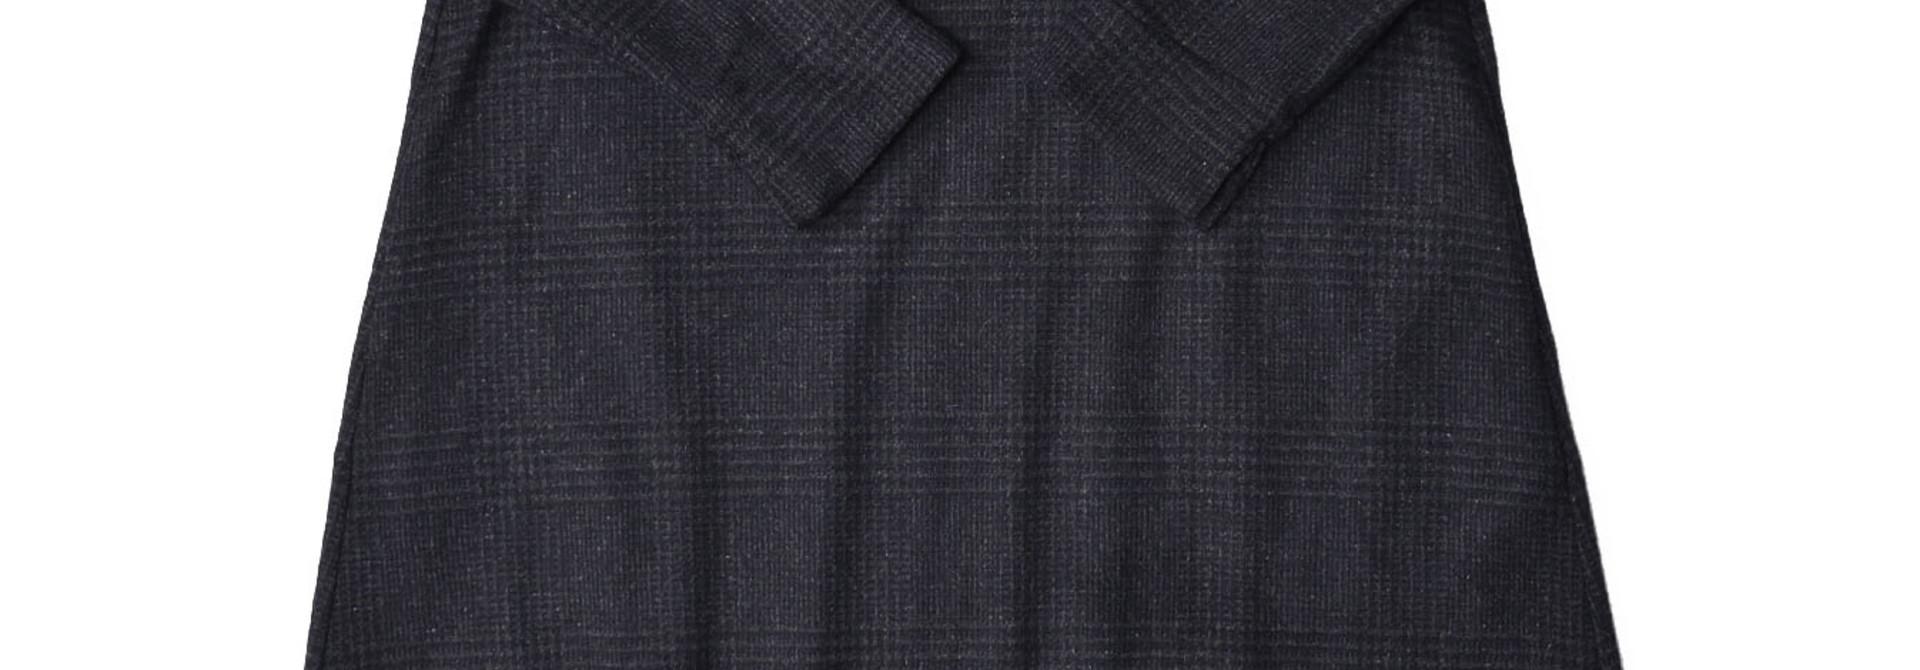 Wool Tweed Stretch Dress